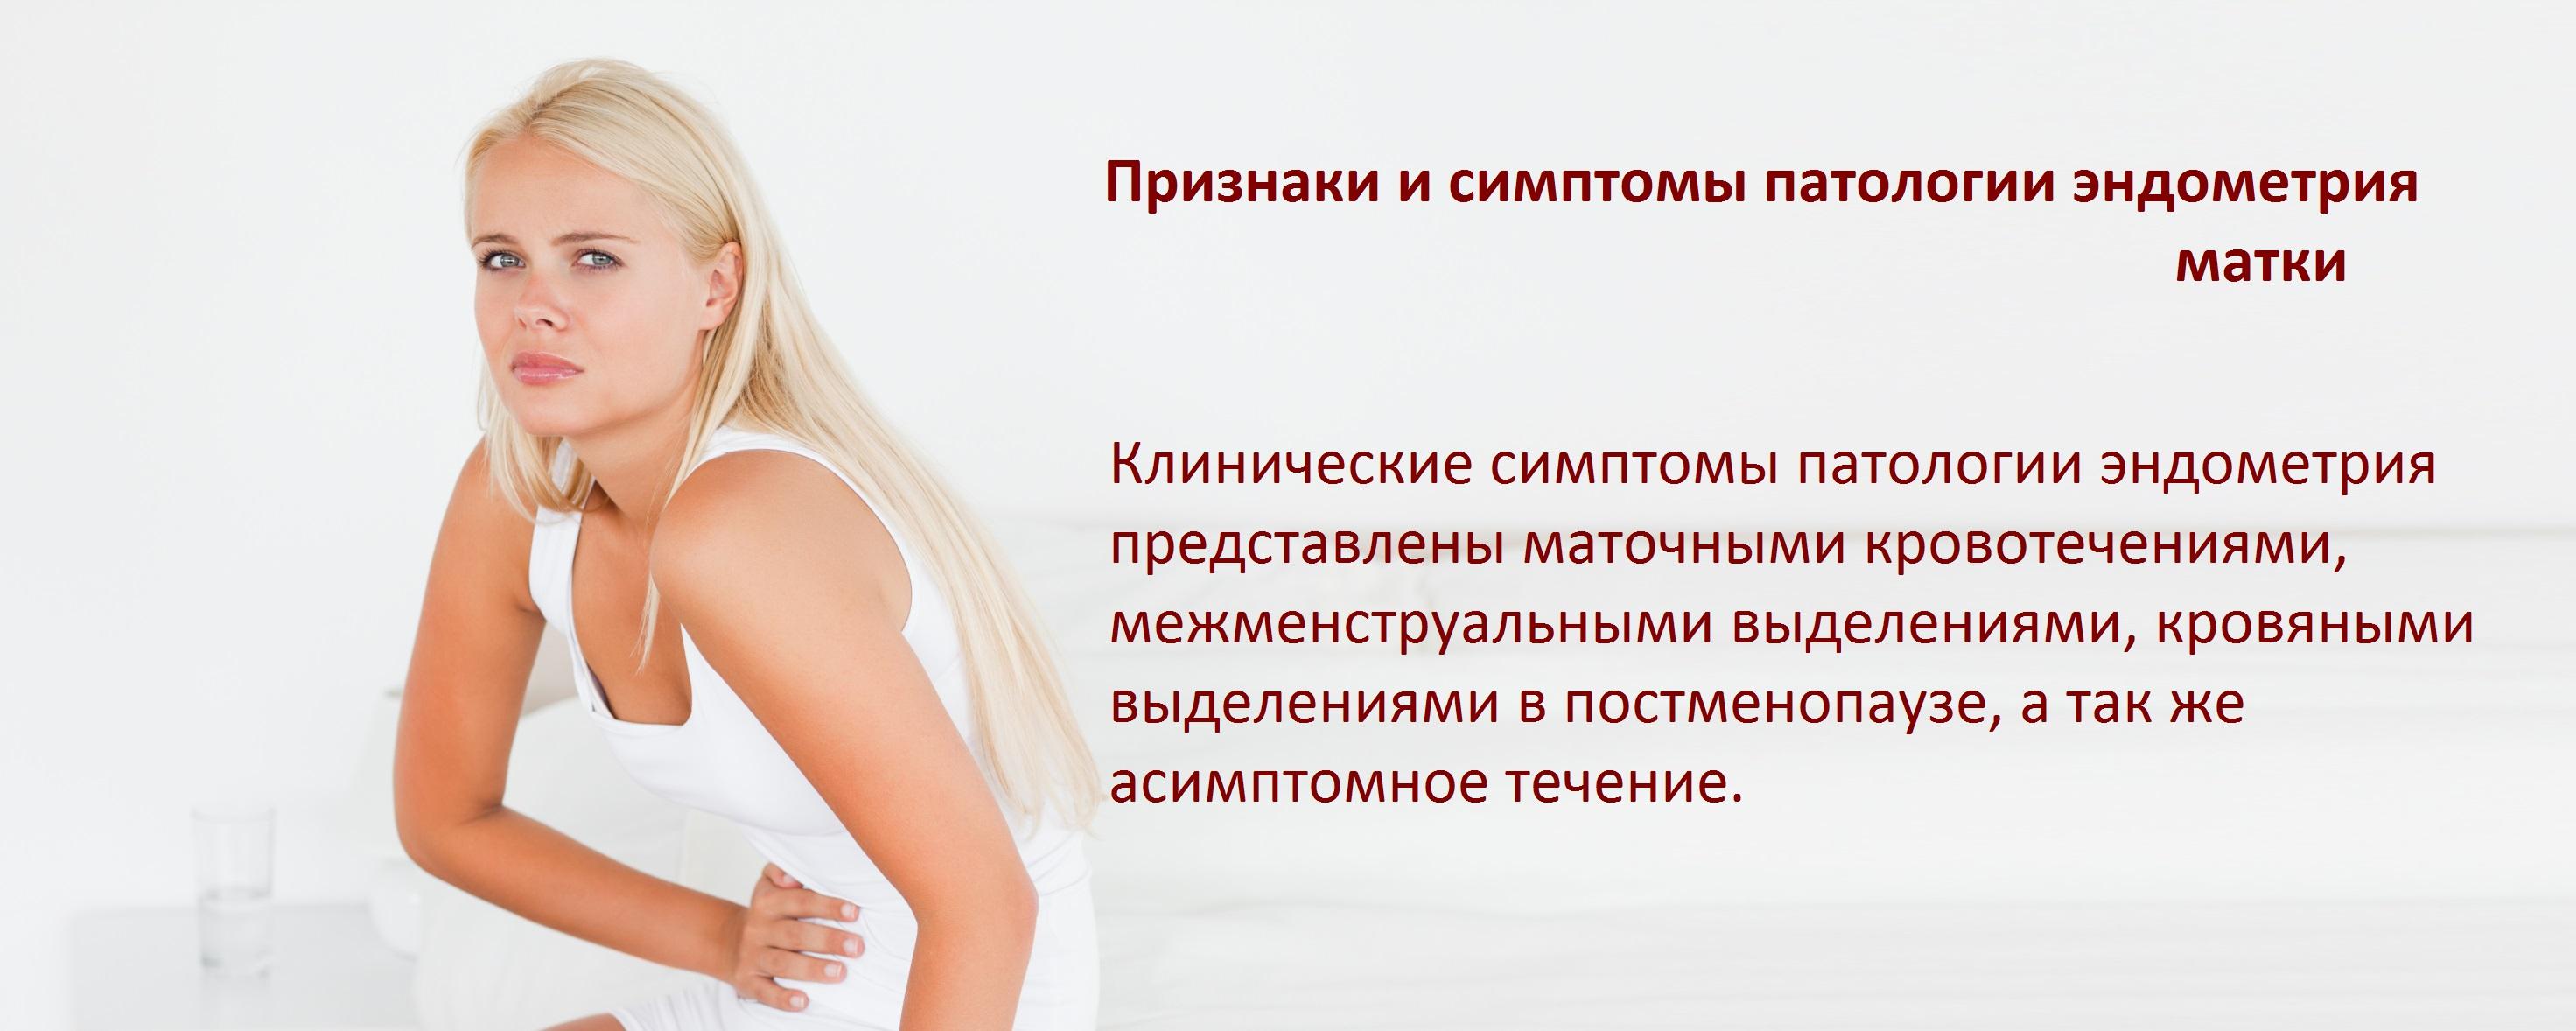 Гиперплазия эндометрия - лечение, симптомы, диагностика болезни